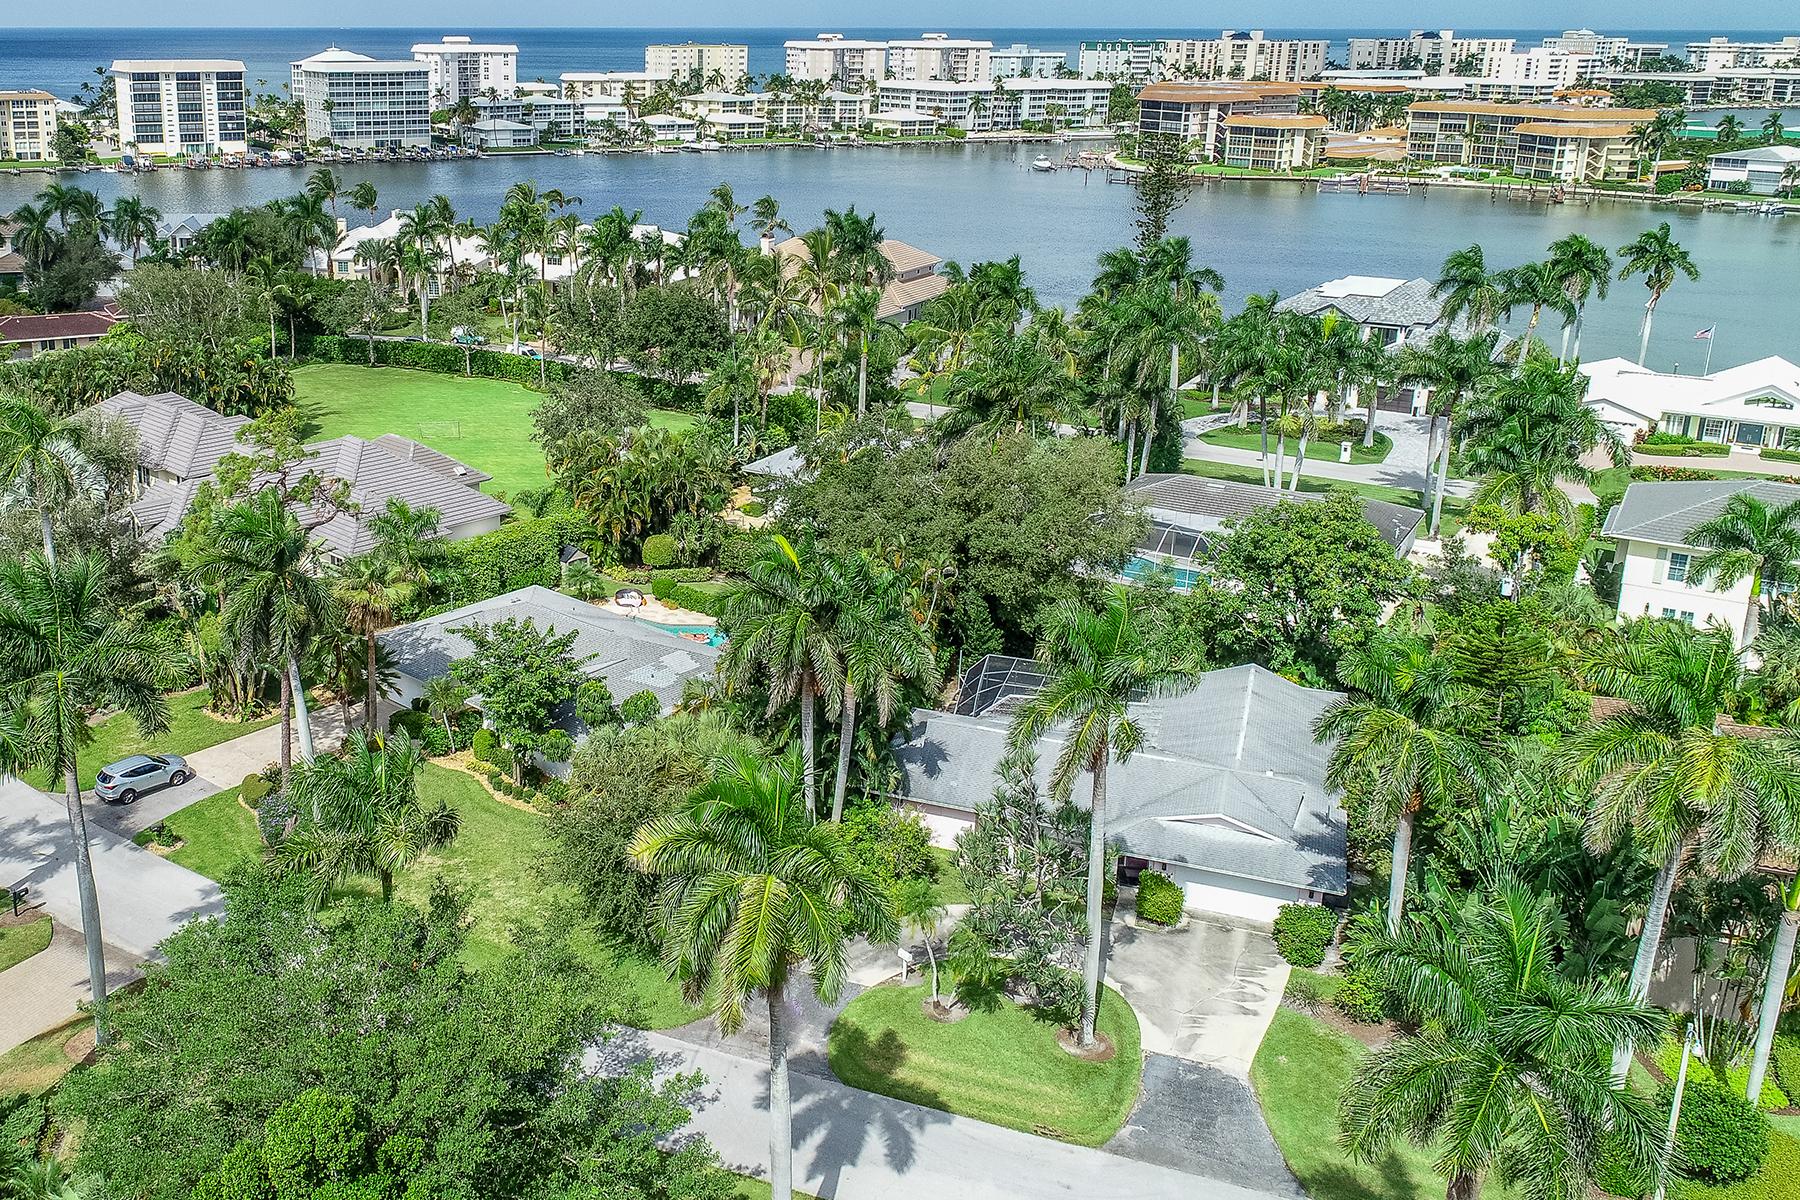 一戸建て のために 売買 アット 425 Putter Point Dr , Naples, FL 34103 425 Putter Point Dr Naples, フロリダ 34103 アメリカ合衆国